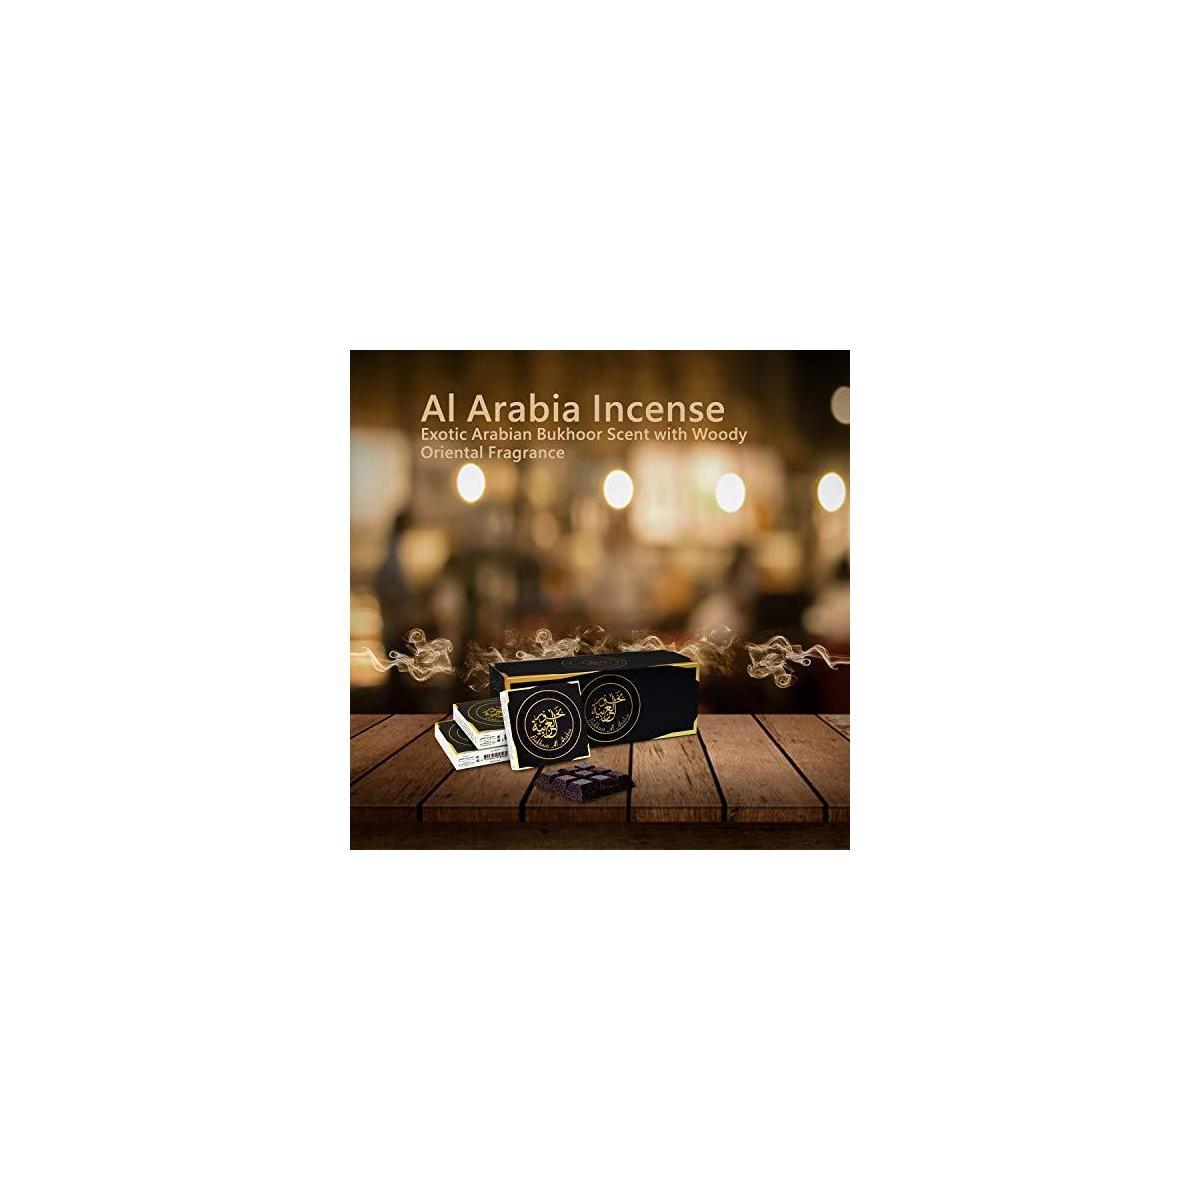 Otoori Bakhoor Al Arabia Incense - Exotic Arabian Bukhoor Scent with Woody Oriental Fragrance 40 gm (3 Pack)